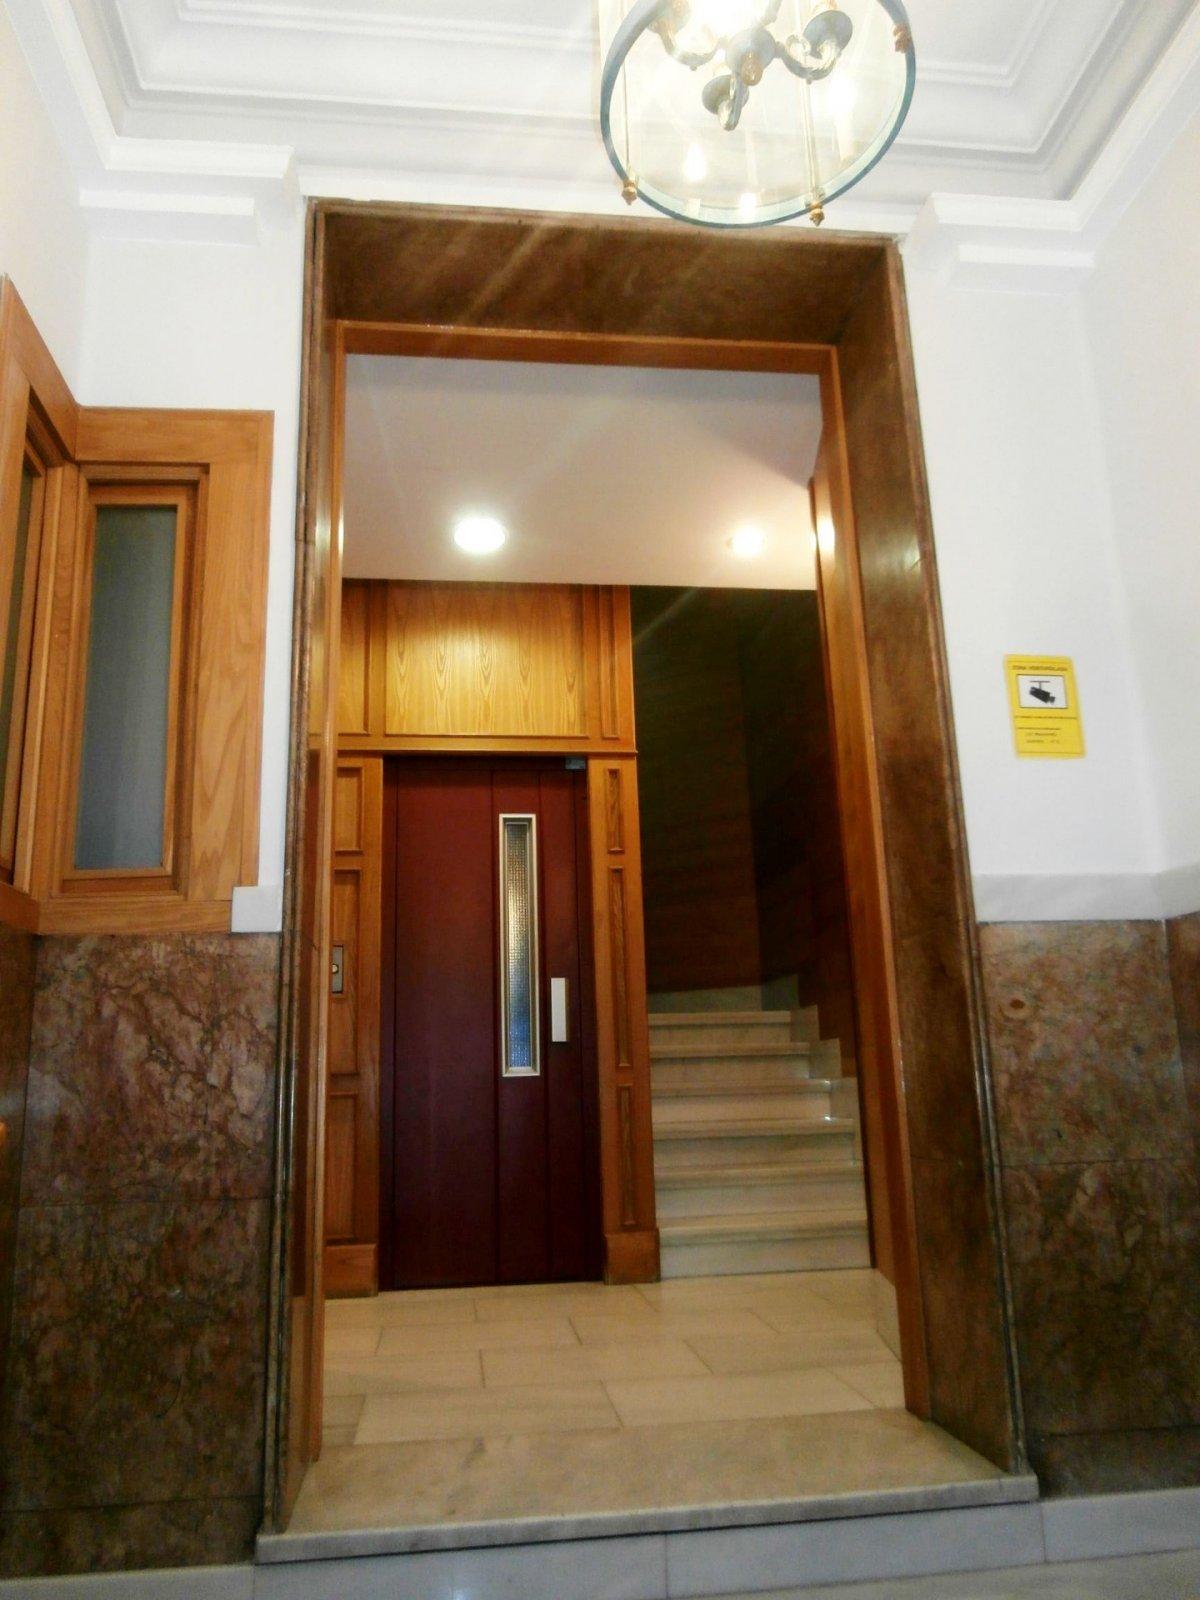 Oficina en perfecto estado en pleno centro de oviedo - imagenInmueble11